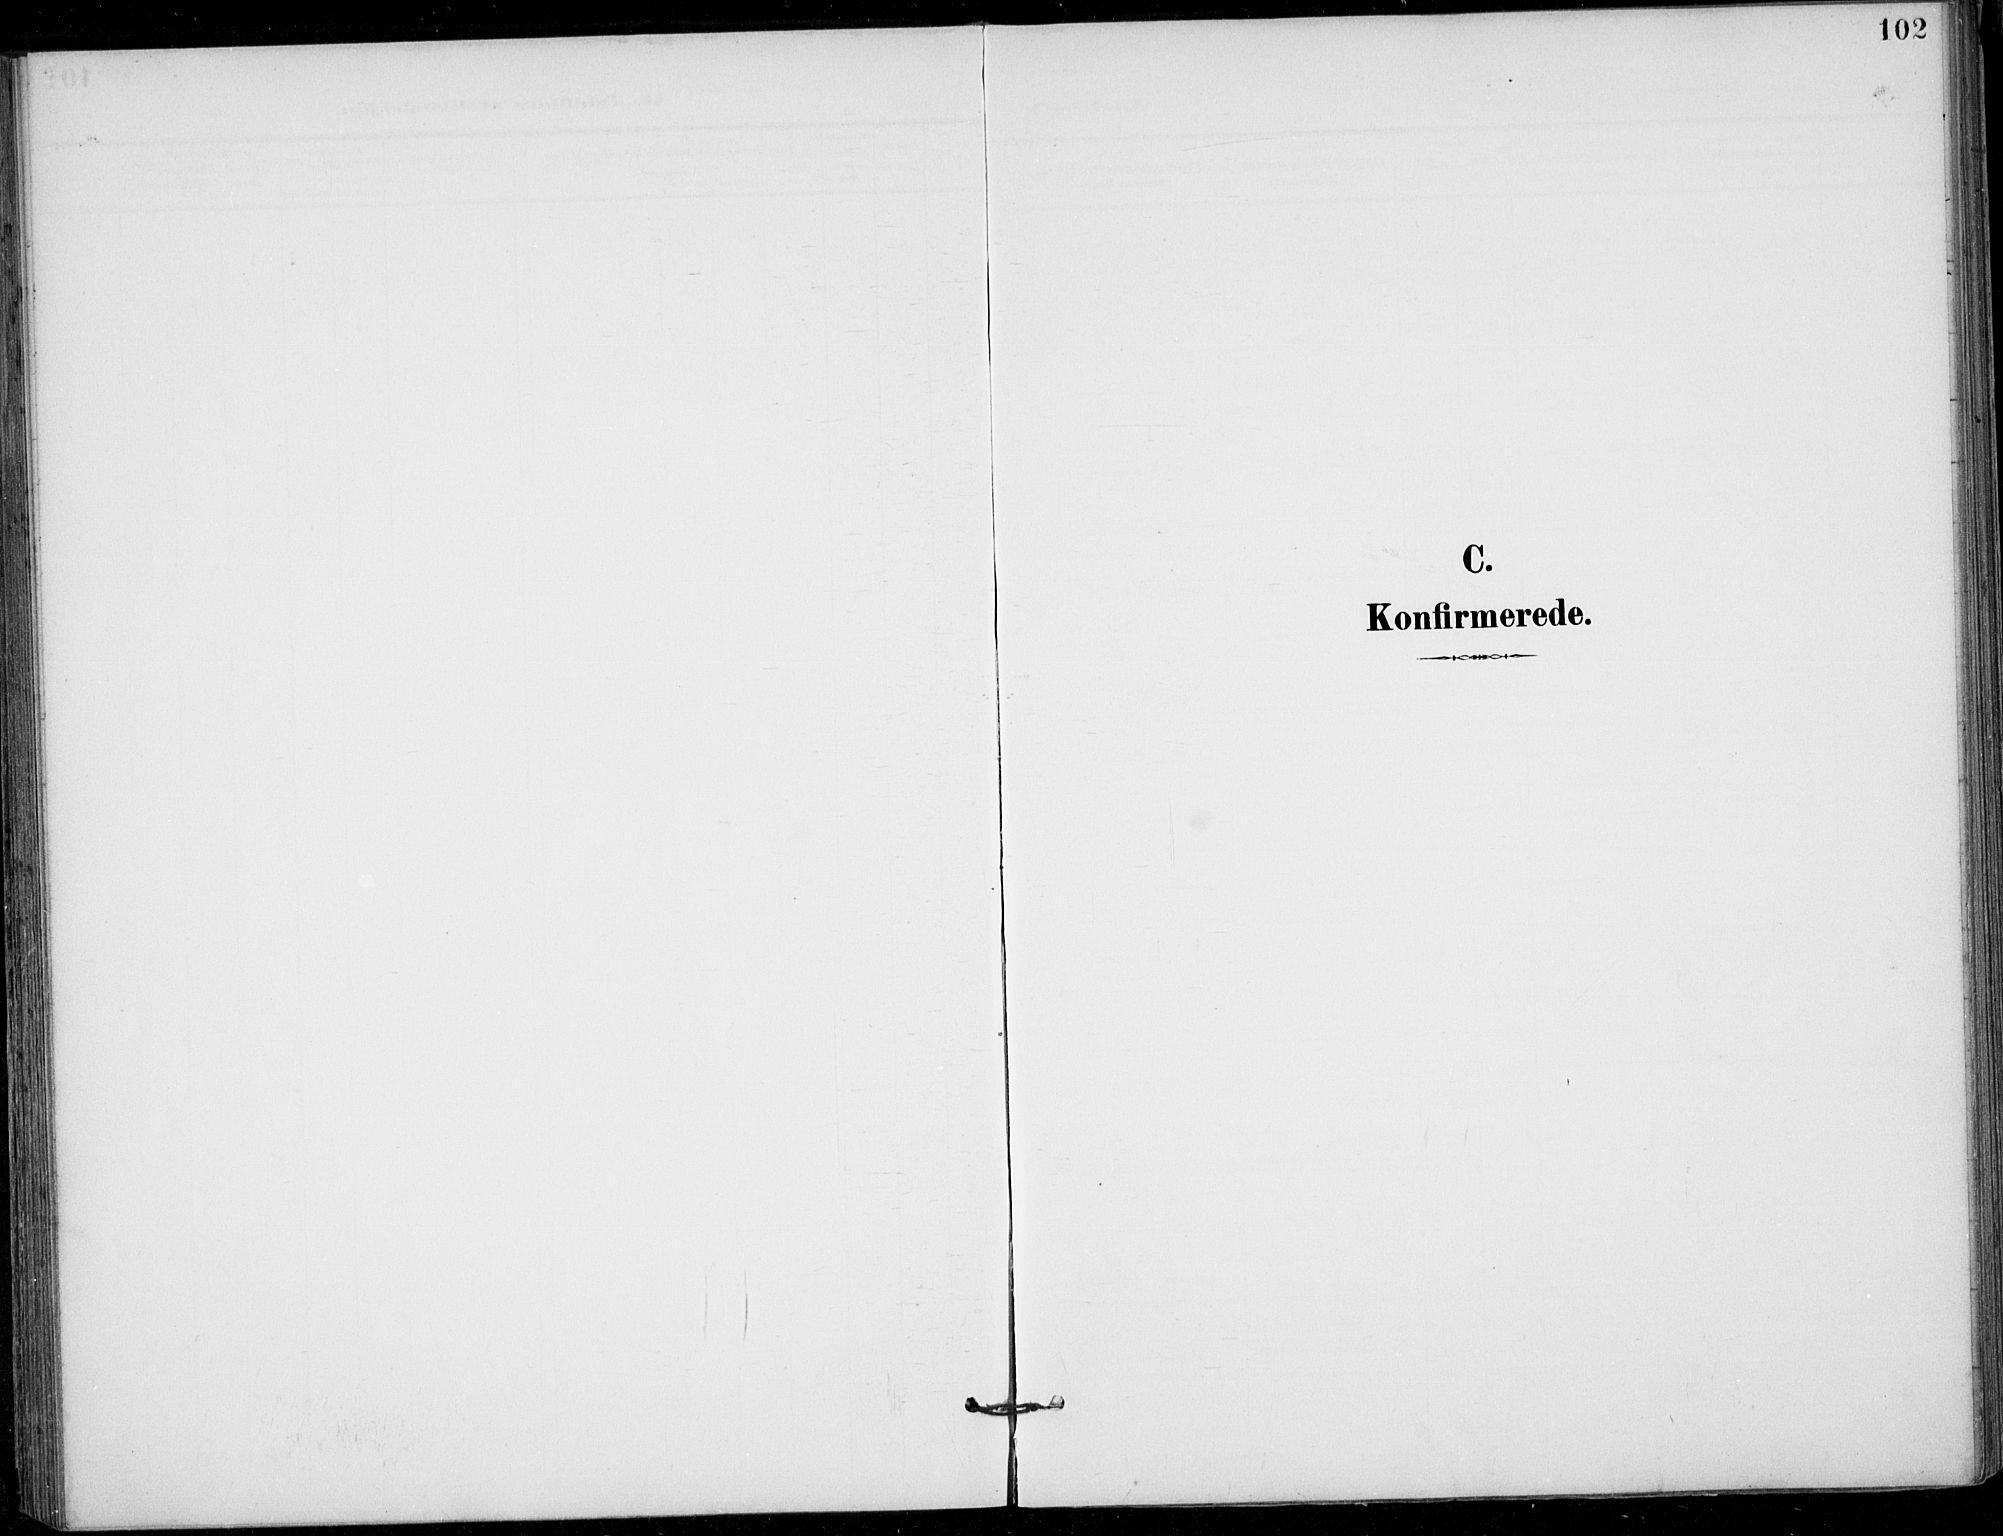 SAKO, Siljan kirkebøker, F/Fa/L0003: Ministerialbok nr. 3, 1896-1910, s. 102